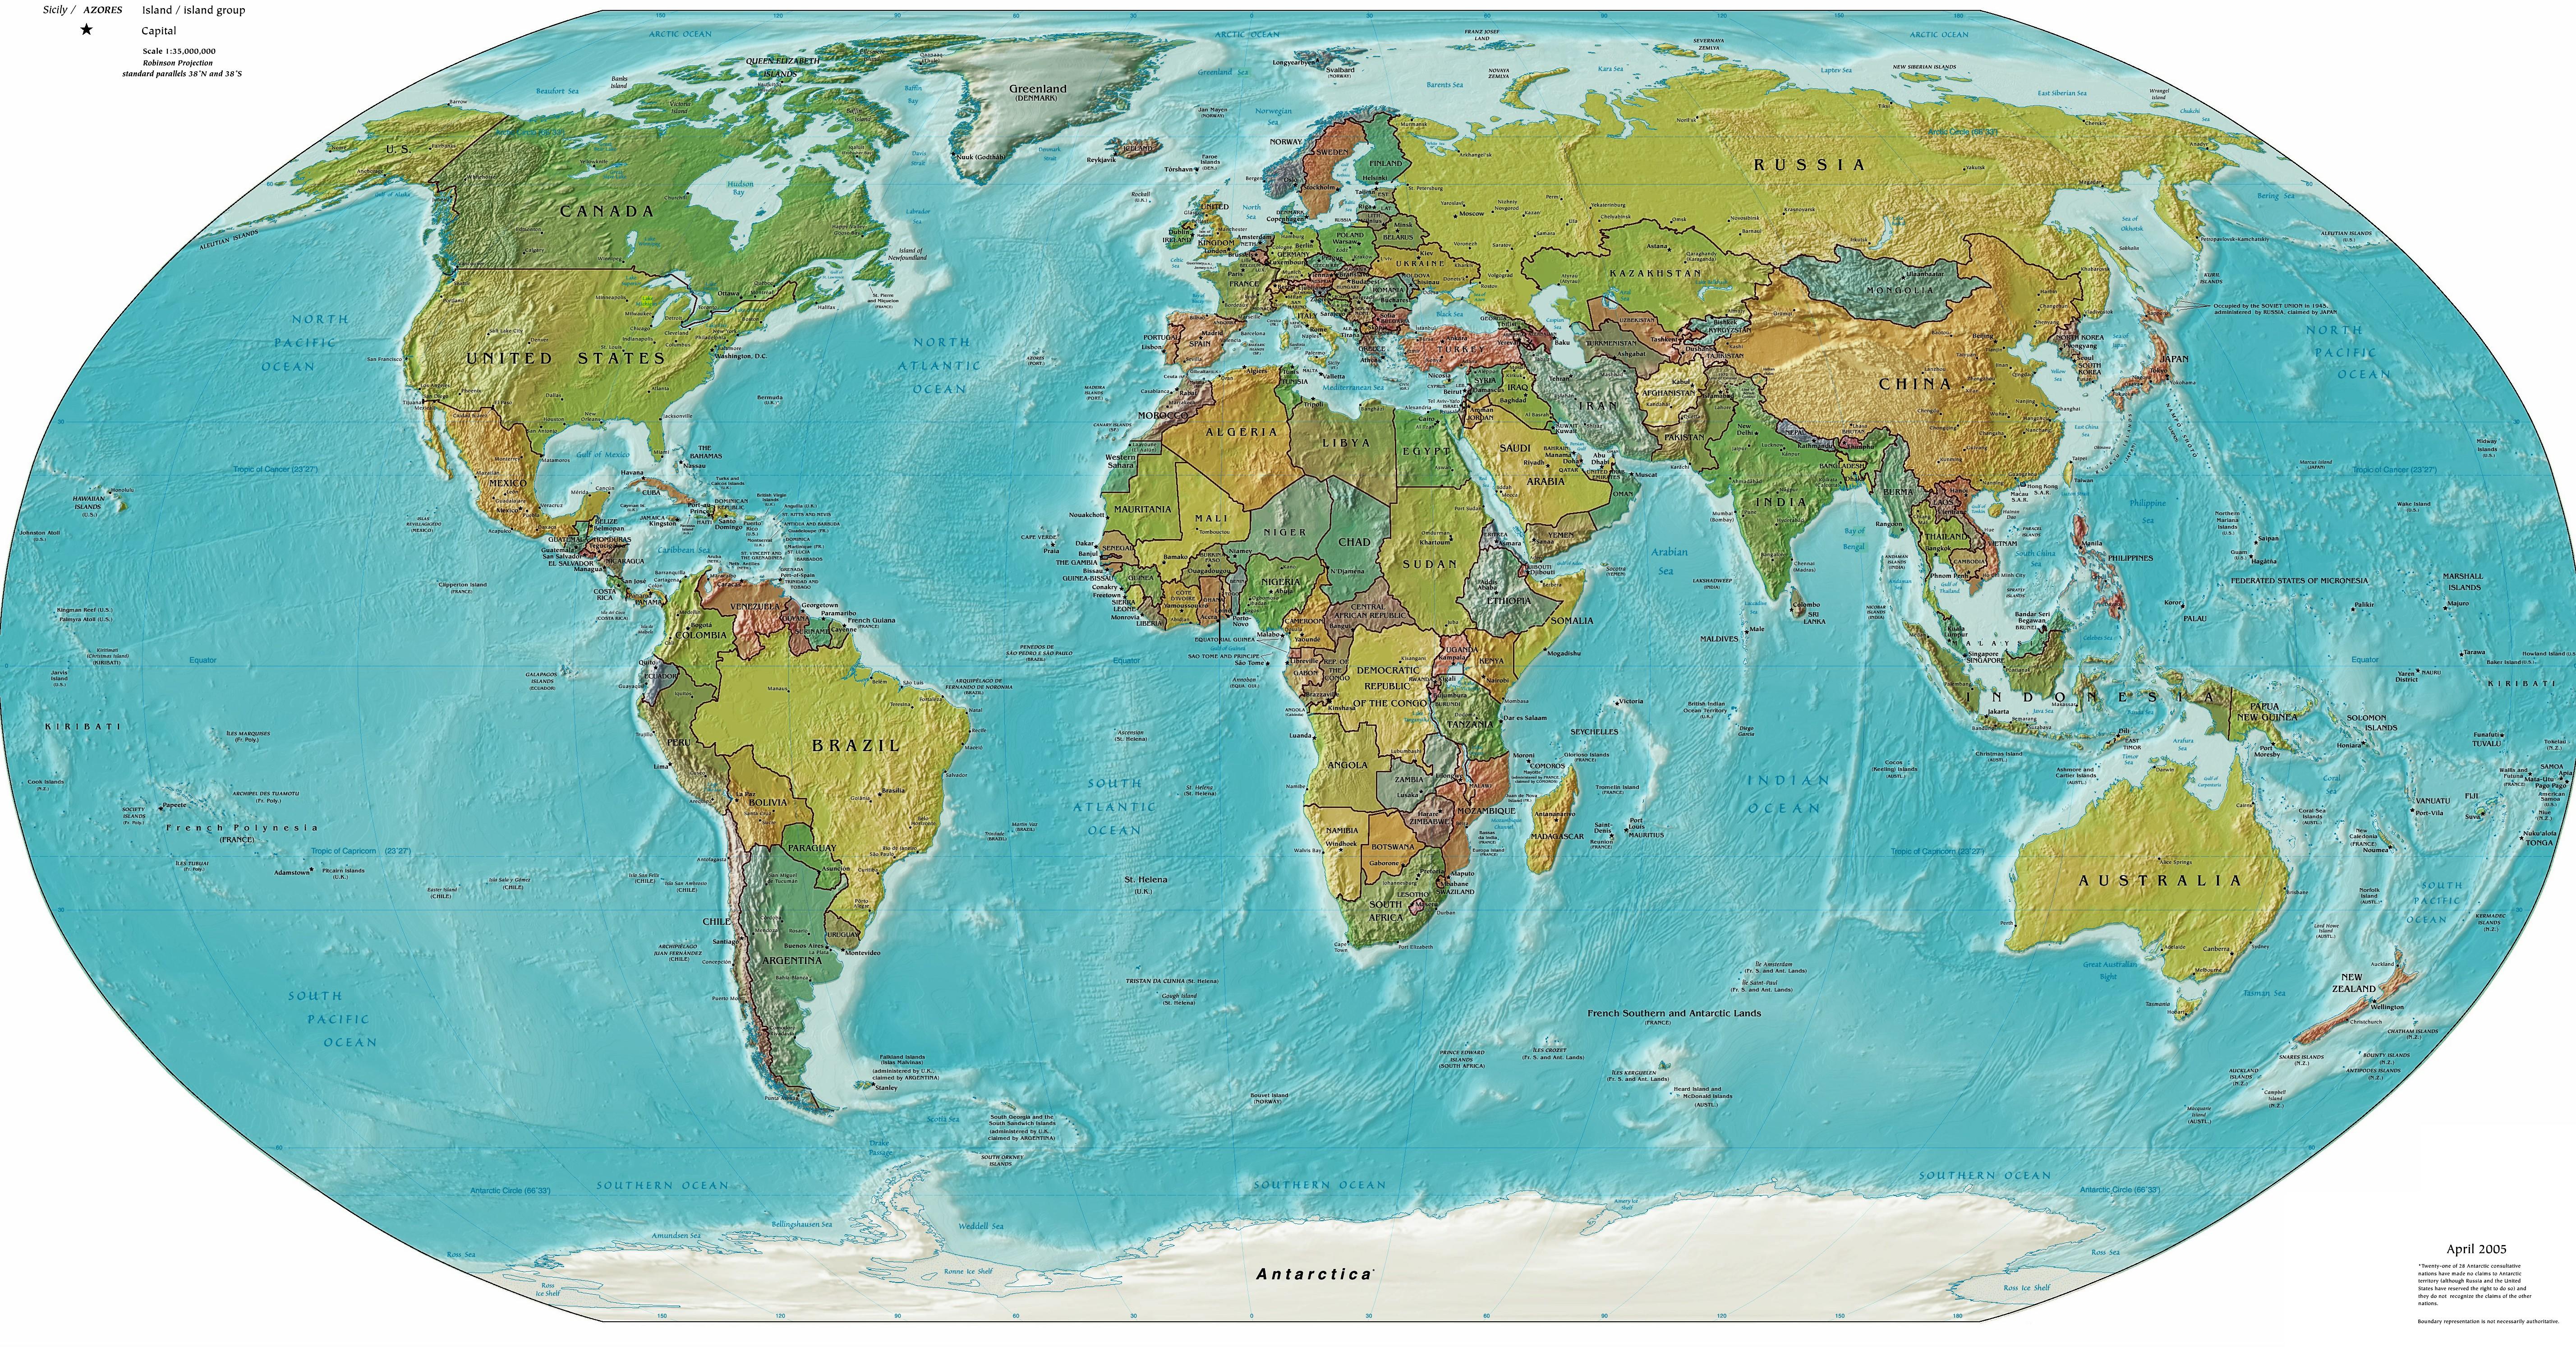 Страны на физической карте мира